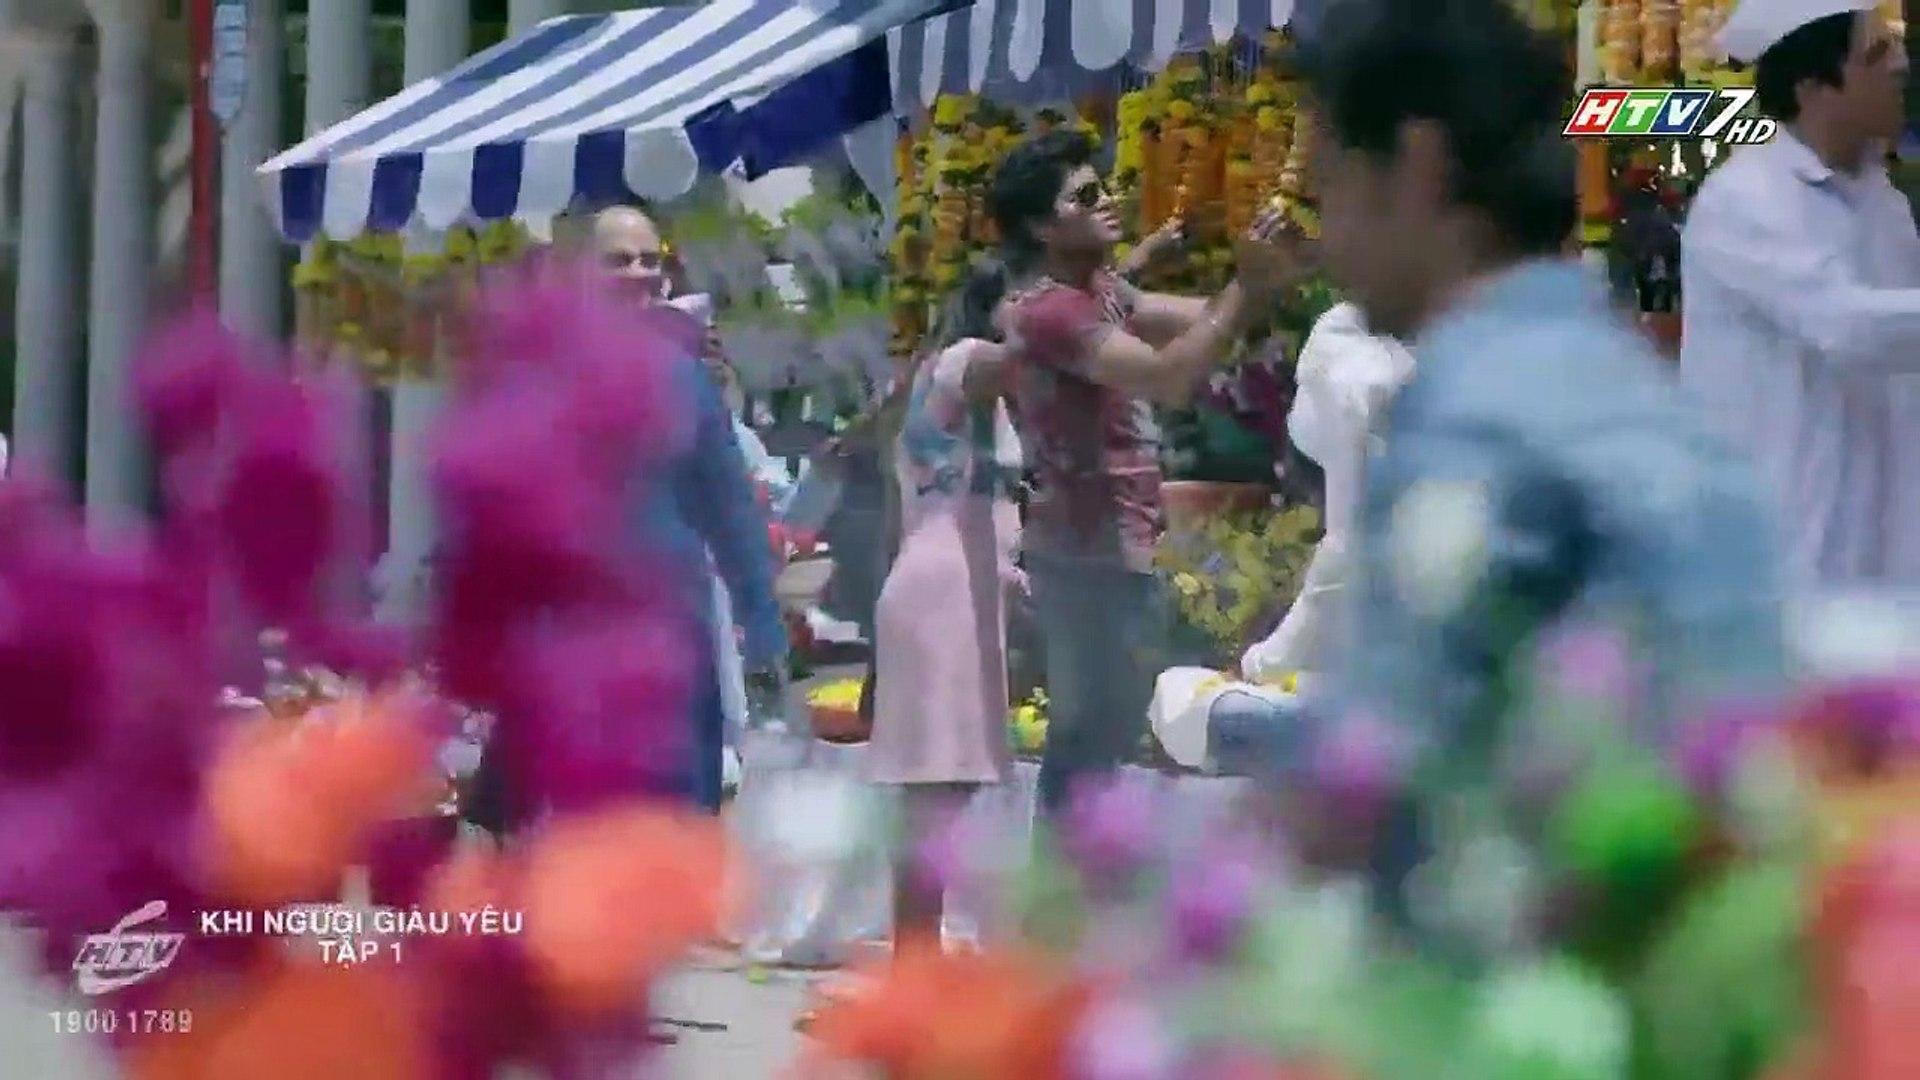 Khi Người Giàu Yêu Tập 1 - HTV7 Lồng Tiếng - Phim Ấn Độ - Phim Khi Nguoi Giau Yeu Tap 1 - Phim Khi N